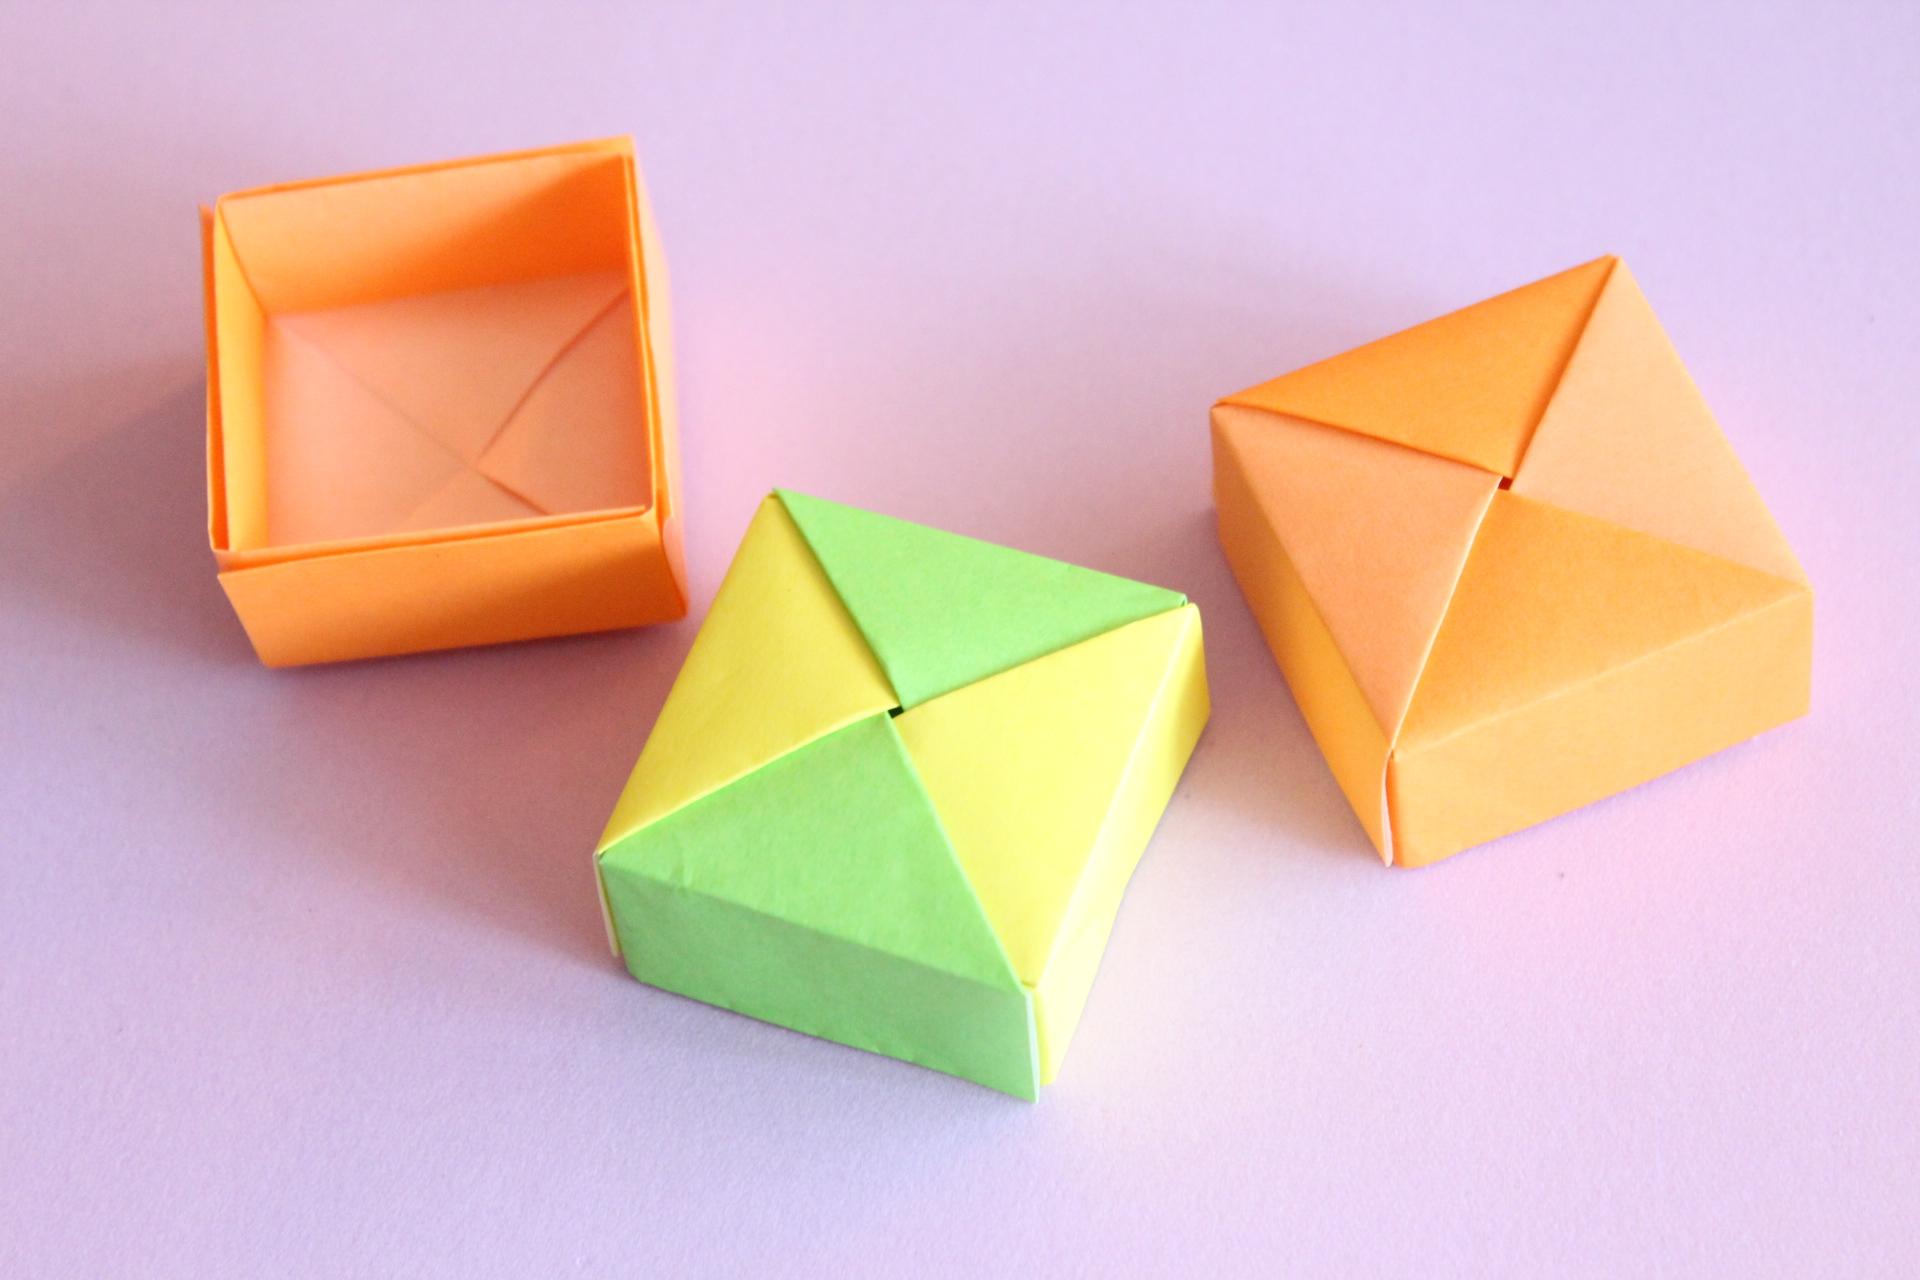 ユニット折り紙で箱の折り方